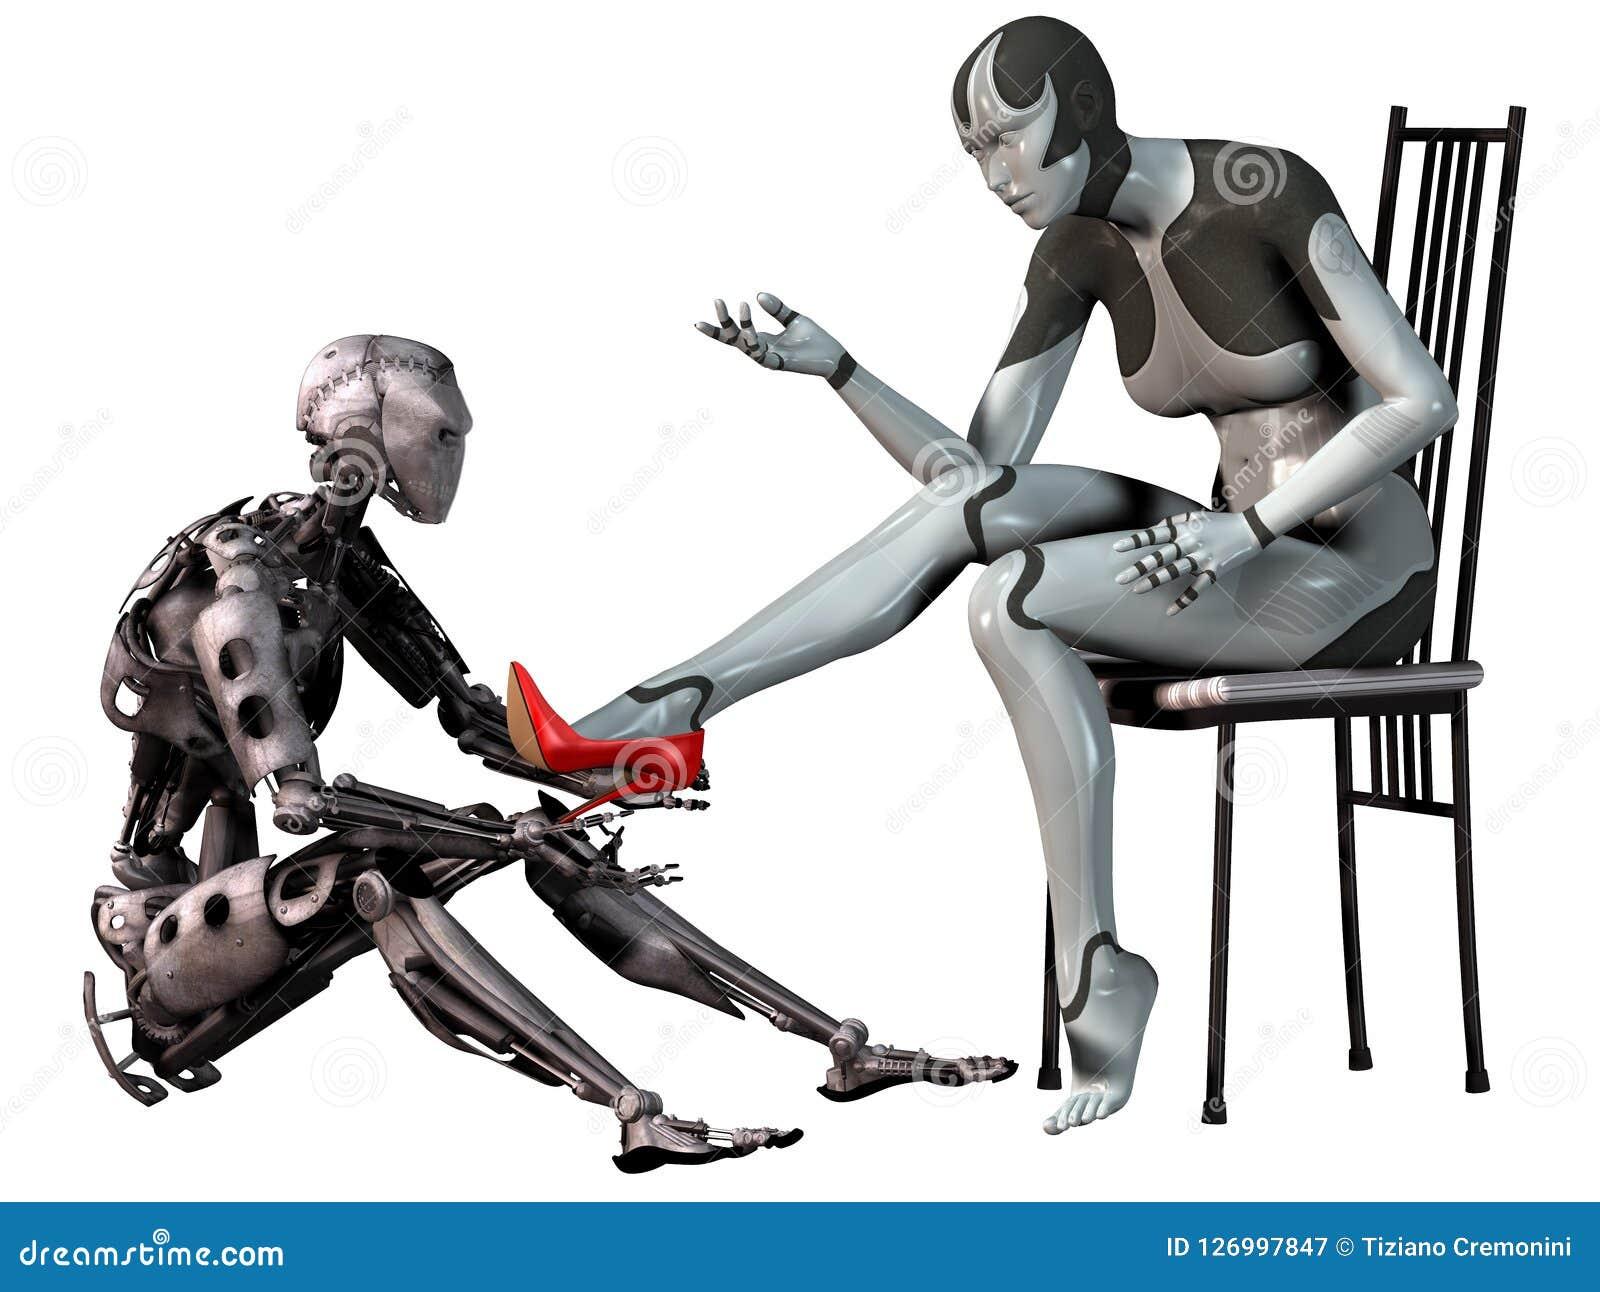 Robotcinderella, androïde man probeert een rode hoge hielschoen in de voet van een androïde vrouw, 3d illustratie